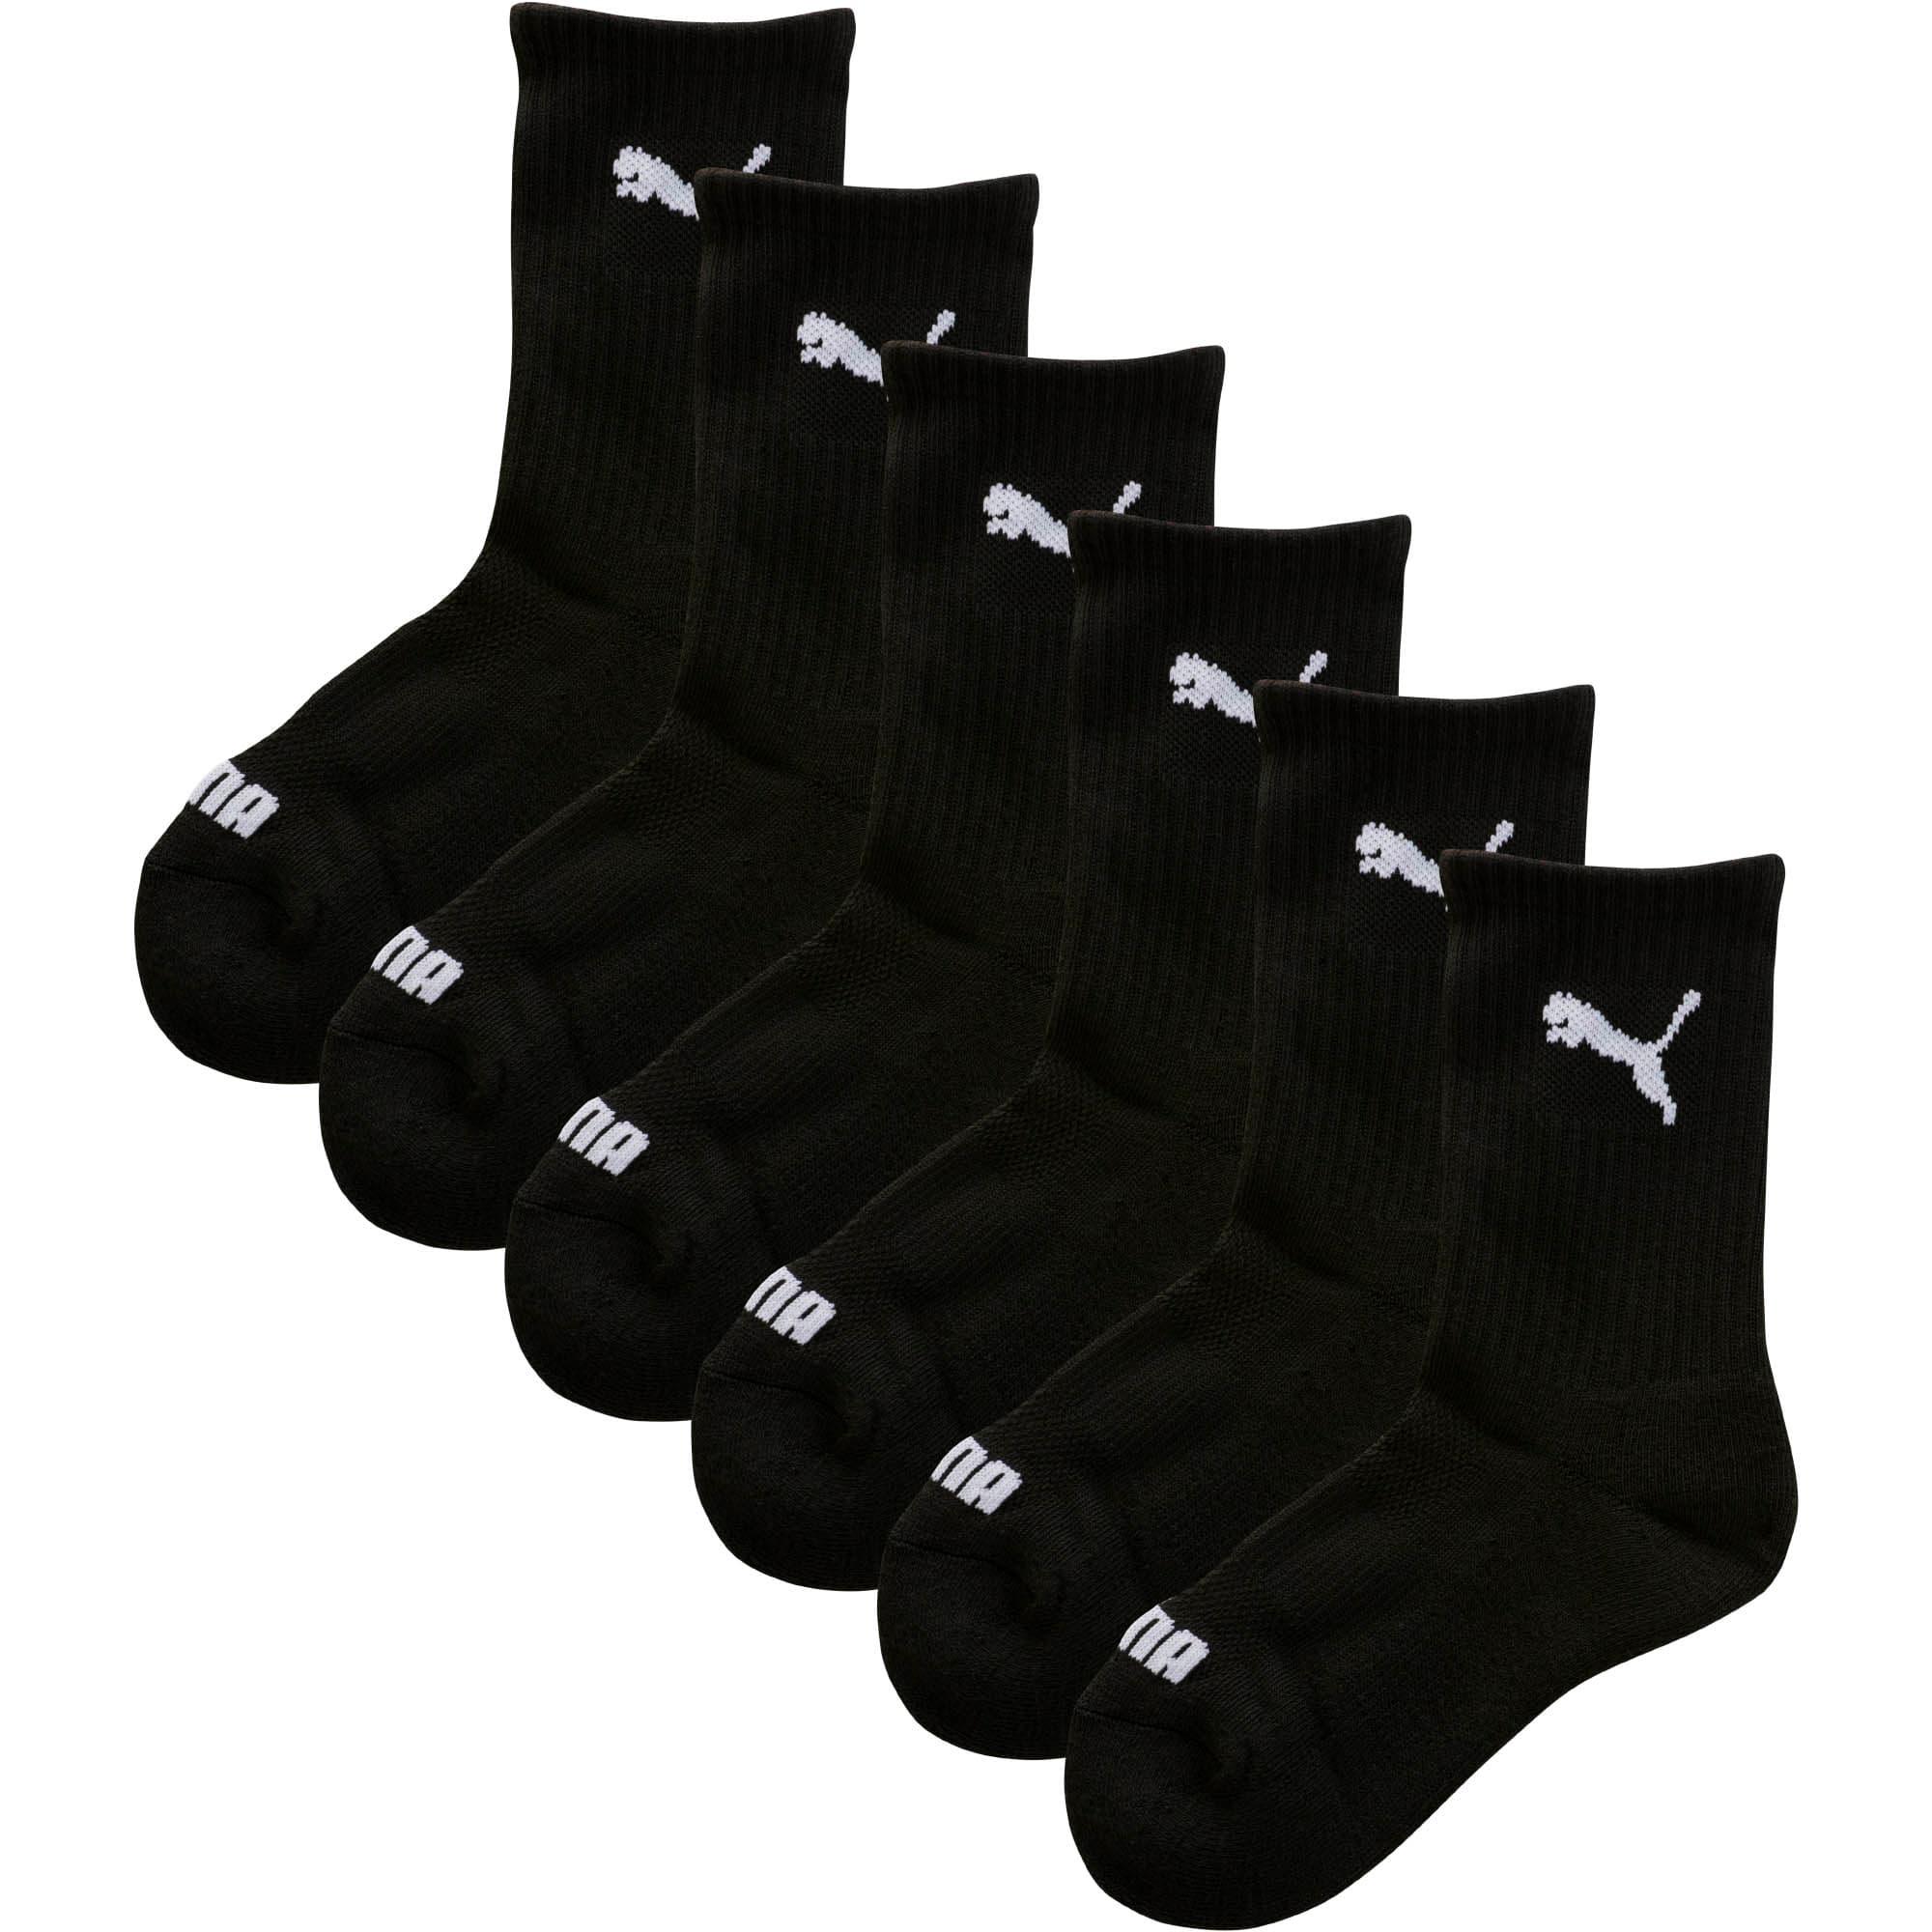 Boys' Crew Socks (6 Pack)